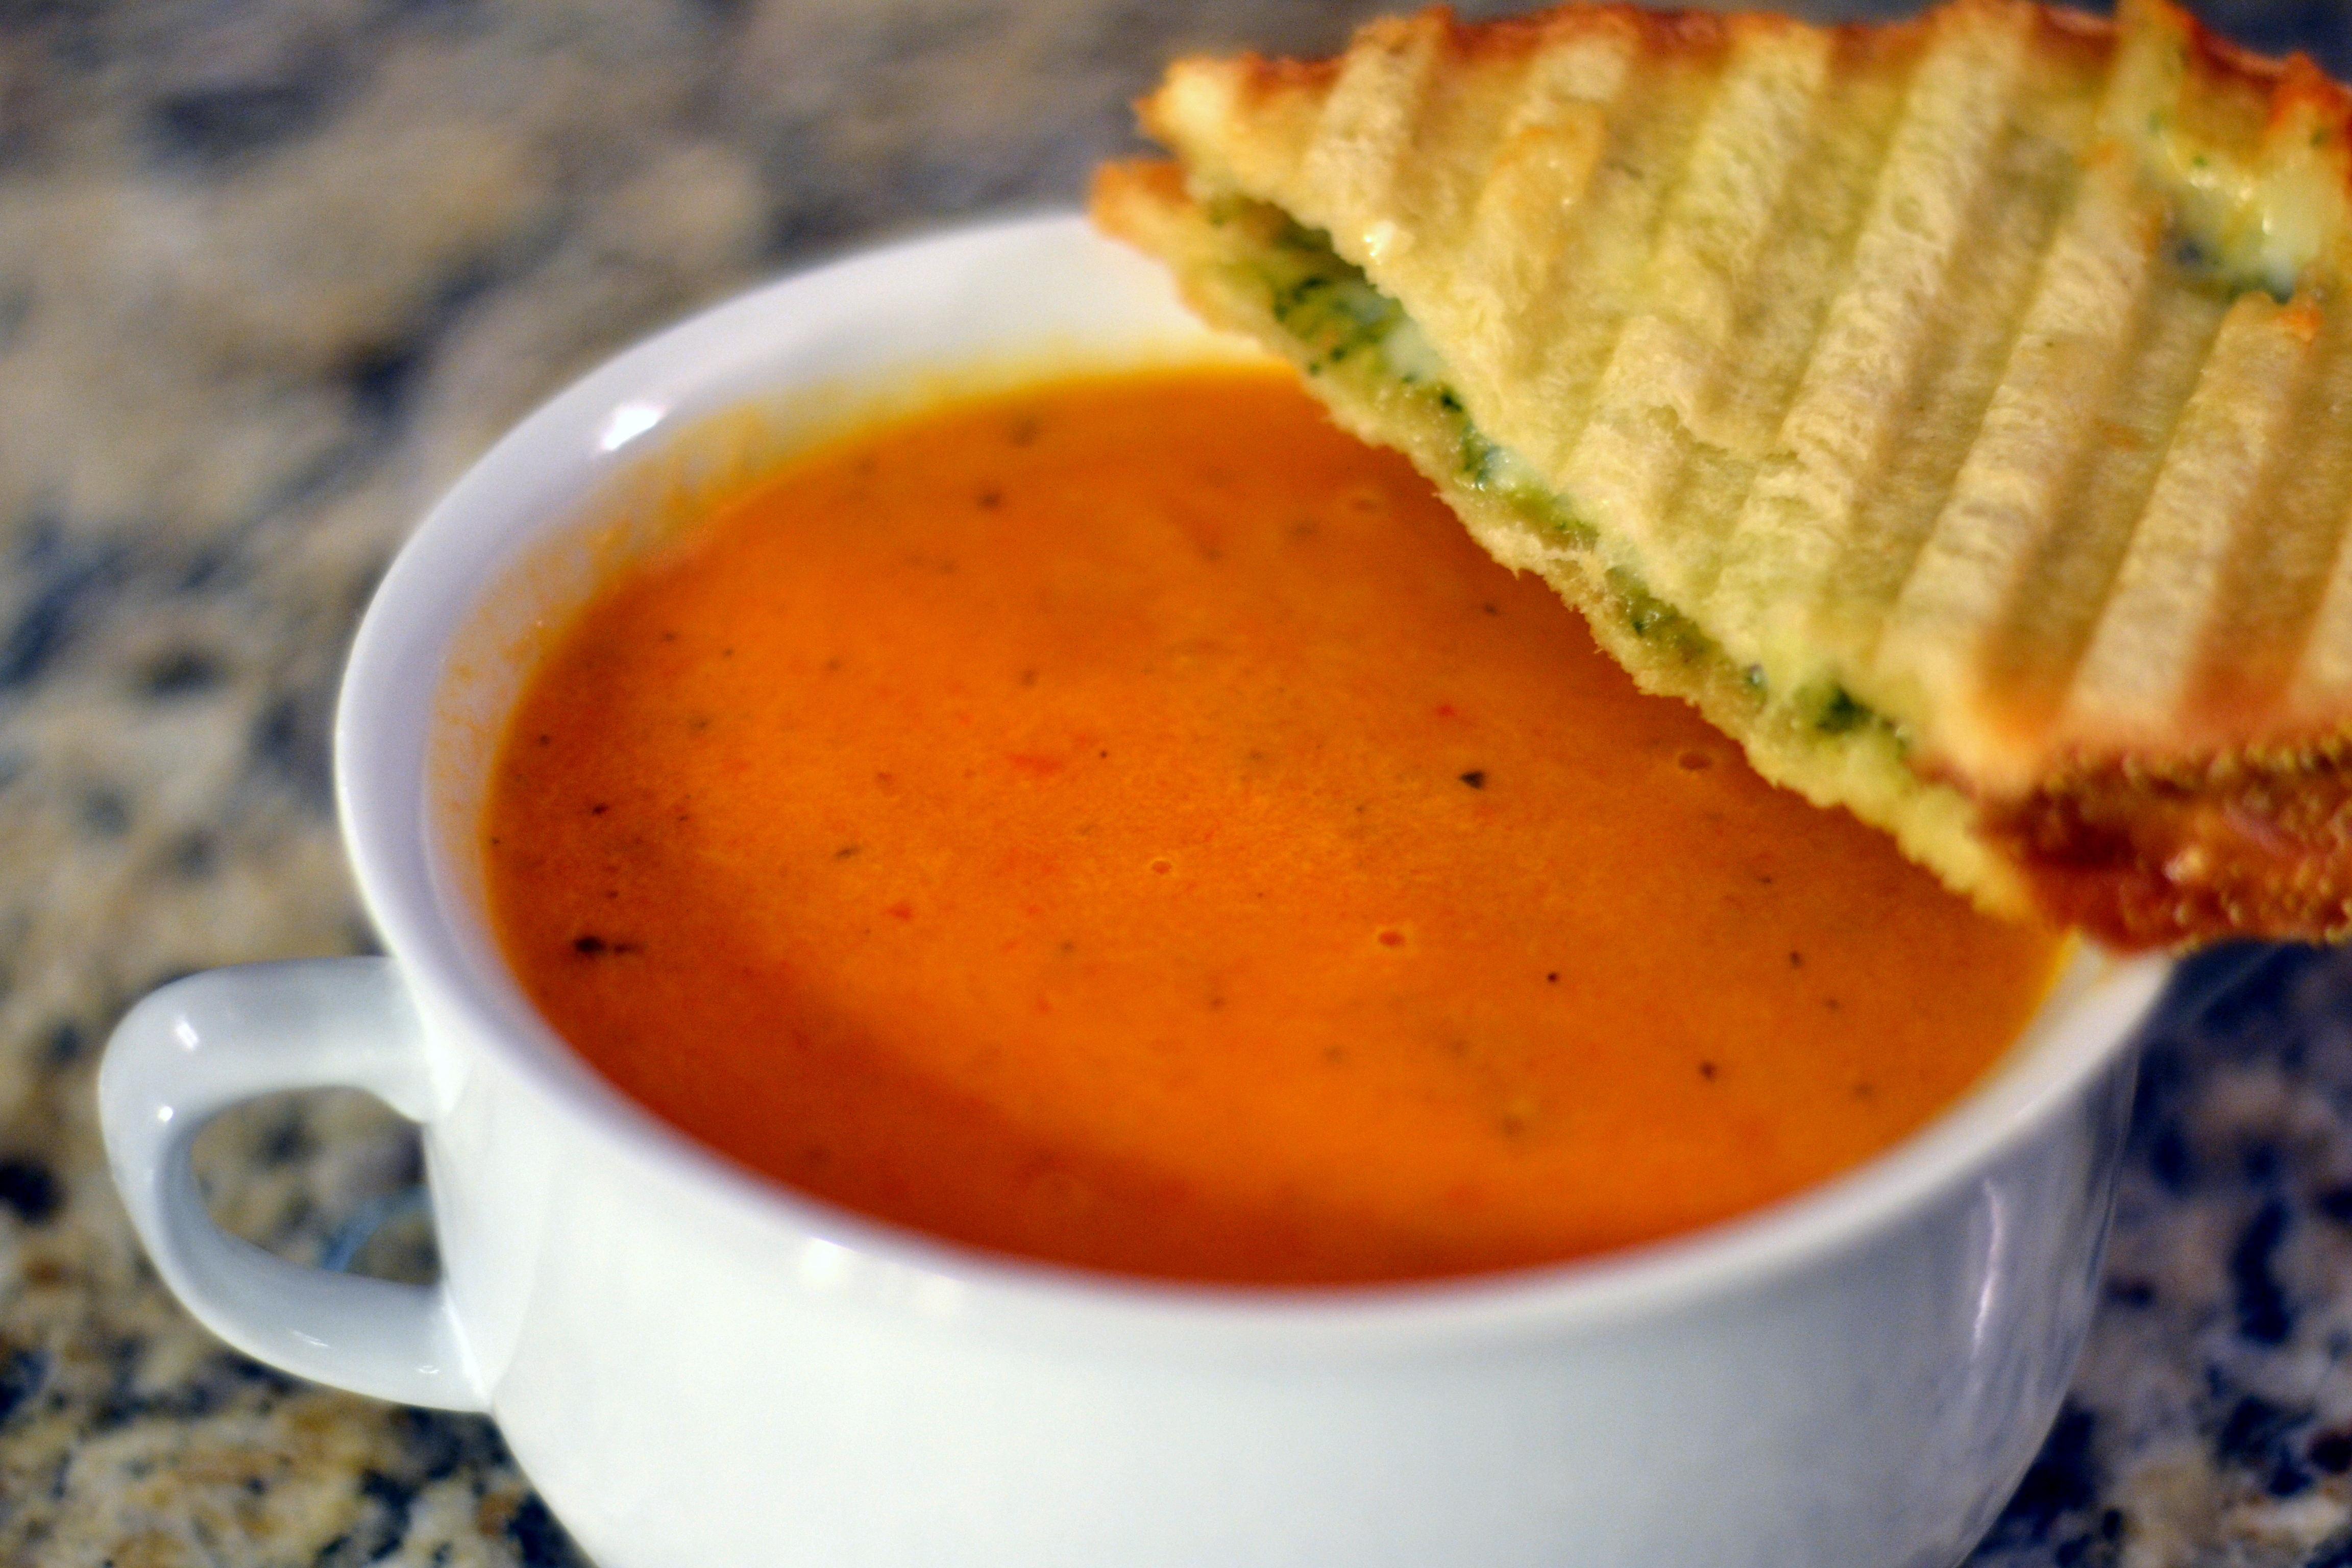 Cream Of Tomato Soup With Pesto Recipes — Dishmaps